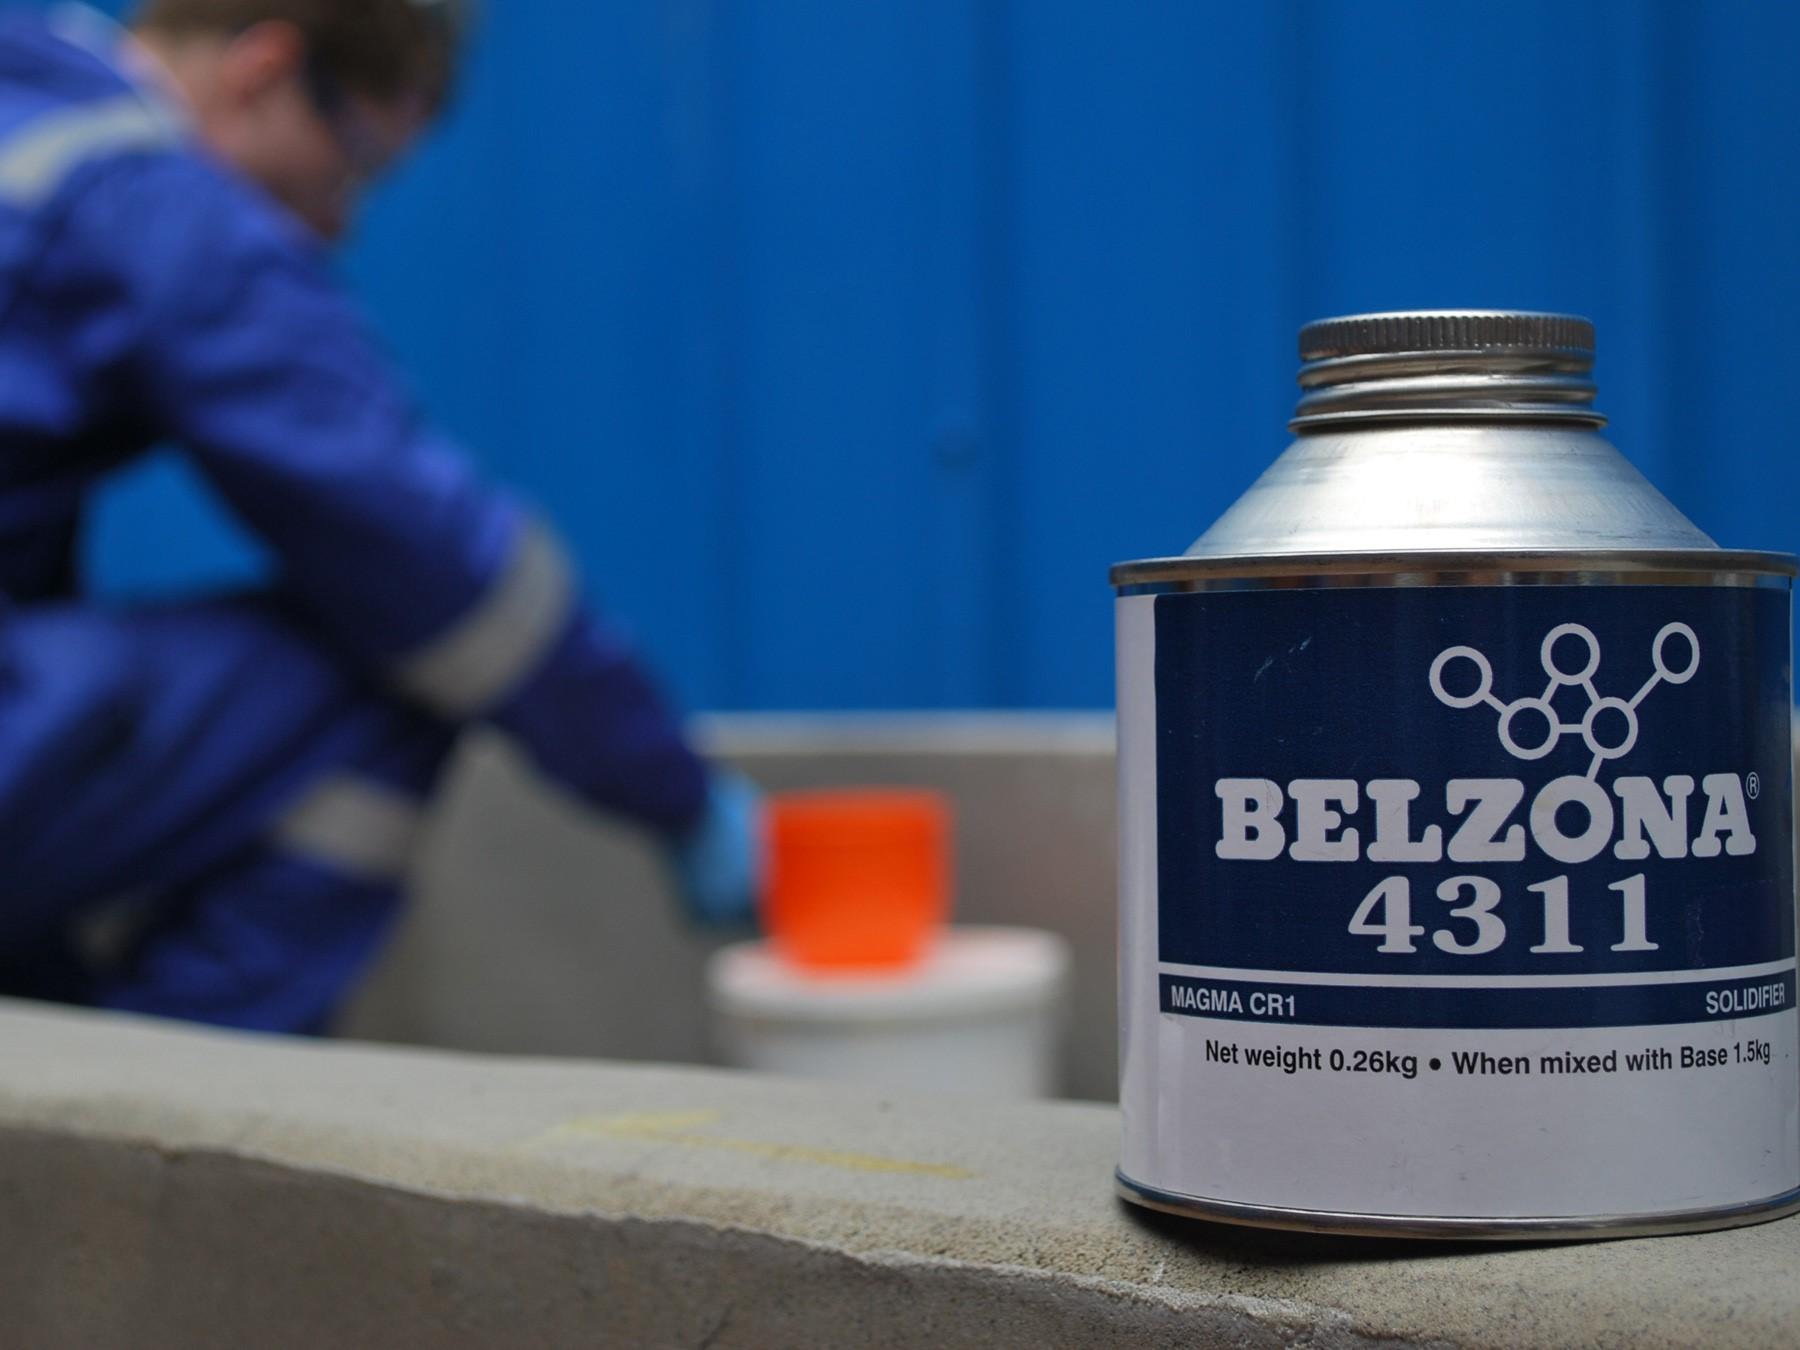 Belzona 4311 (Magma CR1) visokotemperaturni epoxy premaz za zaštitu betonskih i metalnih površina koje su u kontaktu sa vrućim kiselinama i drugih kemikalijama